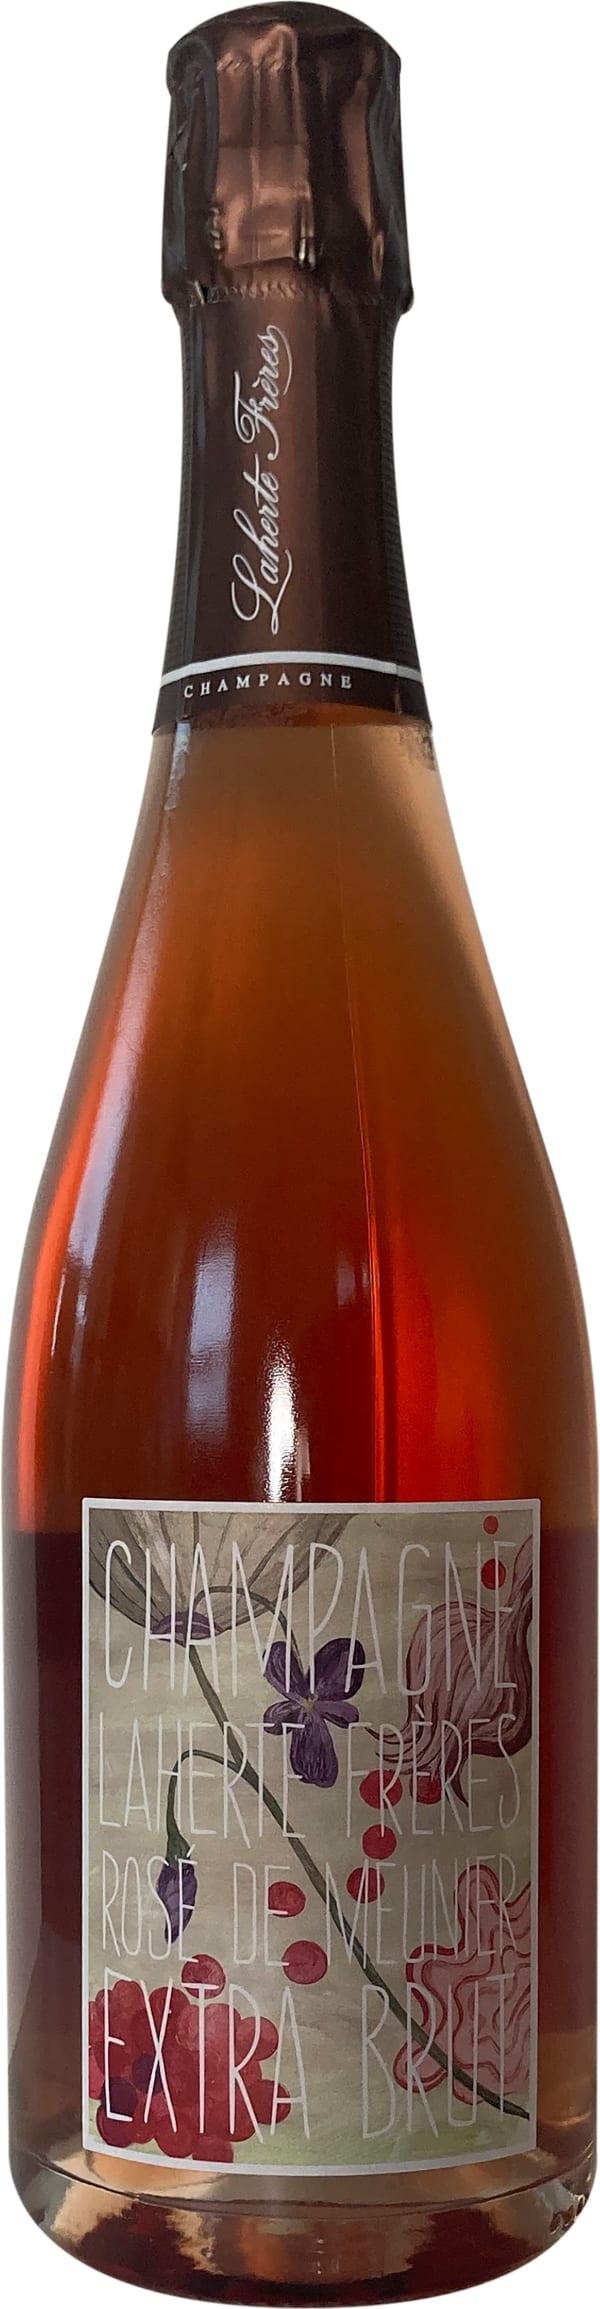 Laherte Freres Rose De Meunier Champagne Extra Brut